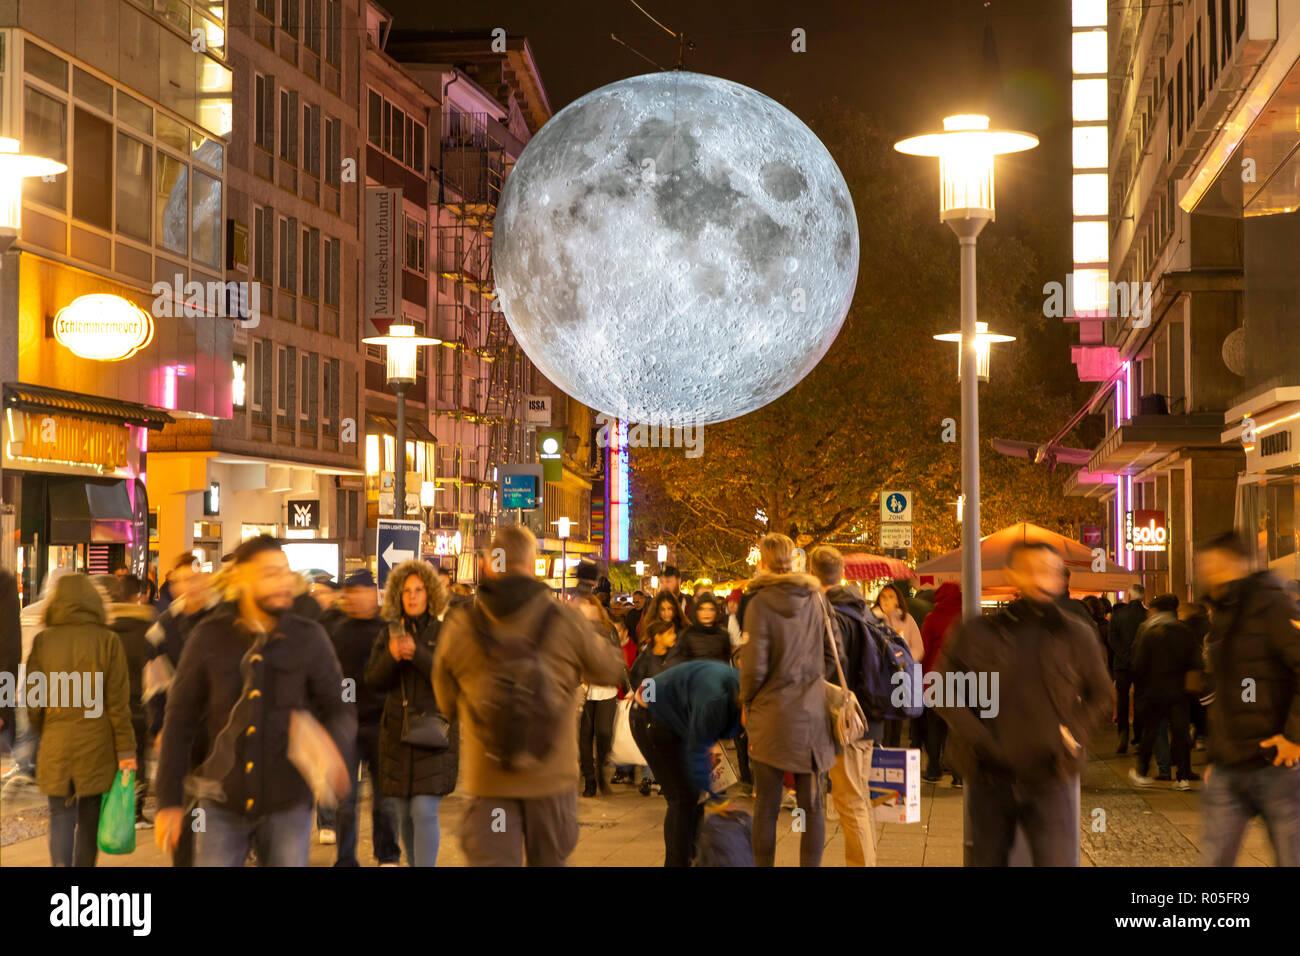 Essen Light Festival, Lichtkunst Installationen in der Innenstadt von Essen, Museum of the Moon, gro§er leuchtender Mond aus NASA Fotos, Kettwiger Str Stock Photo